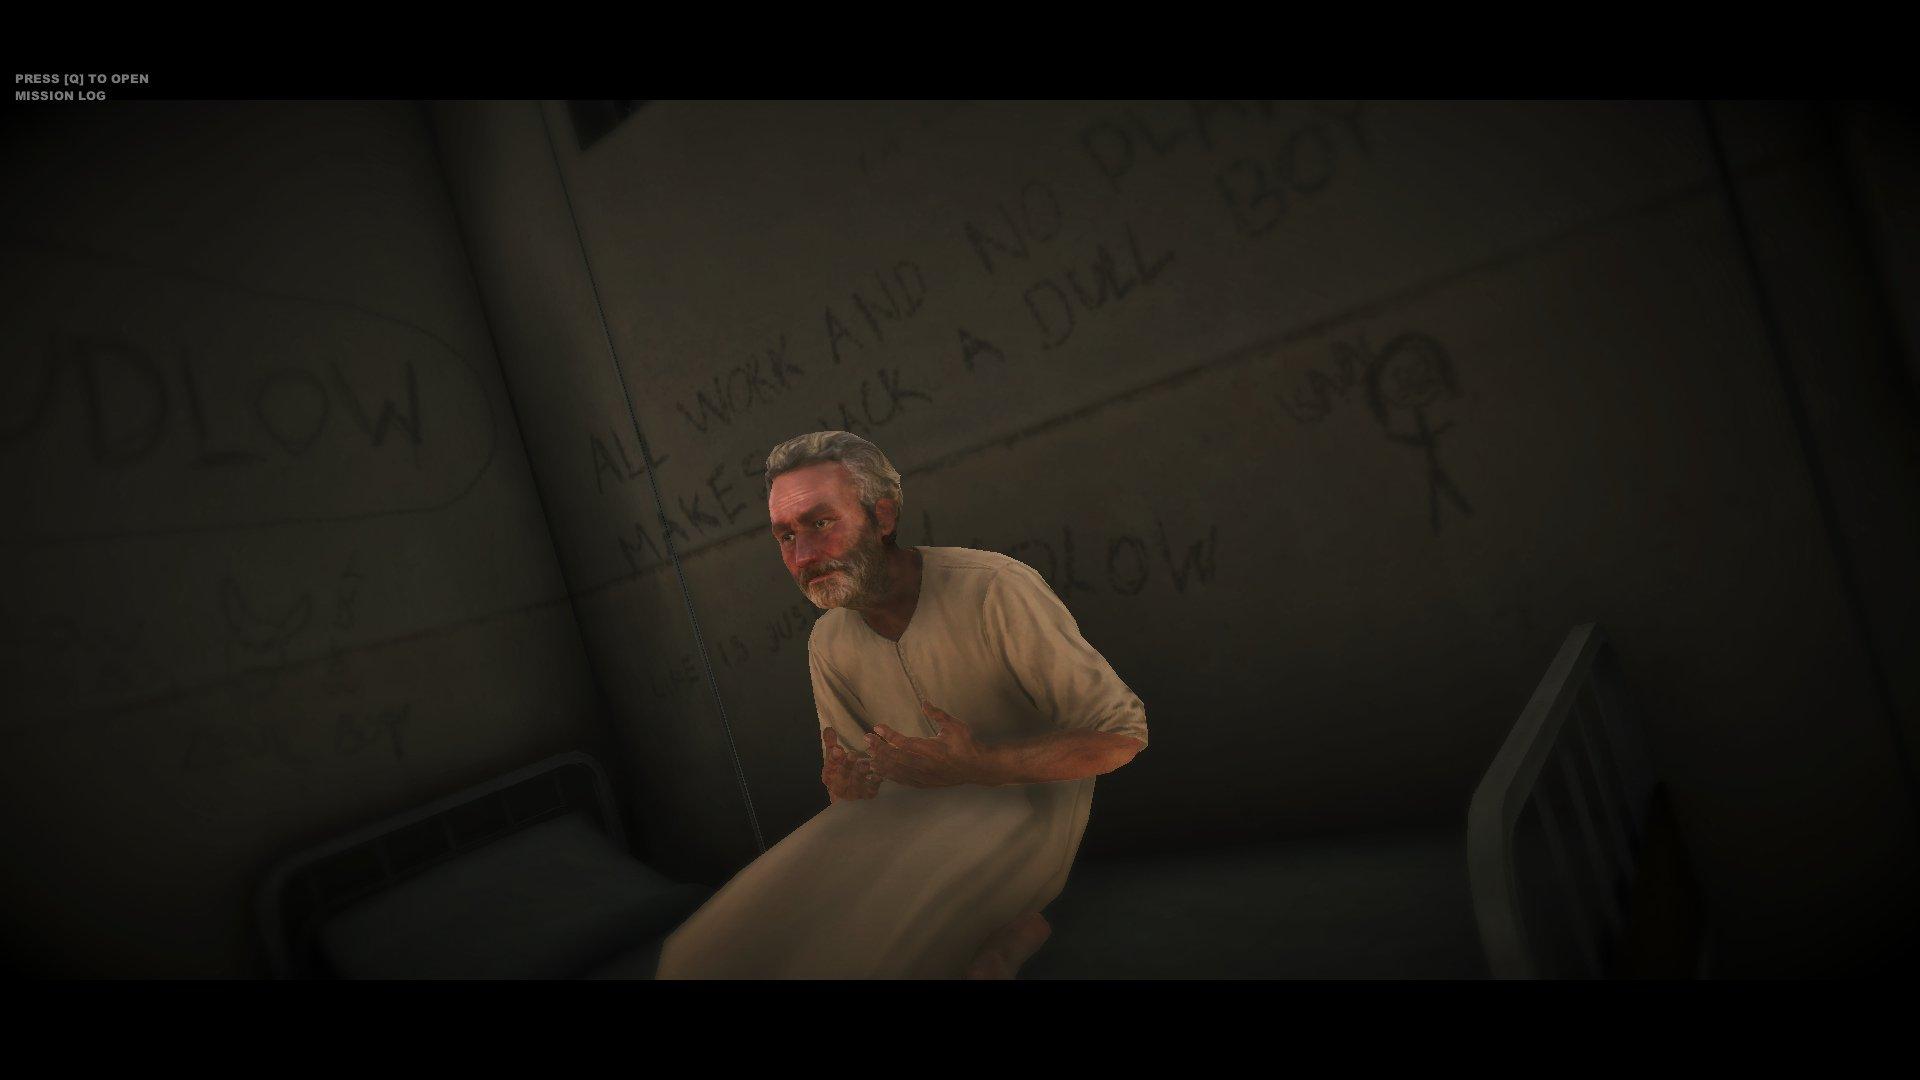 Lucius II: The Prophecy - Imágenes juego PC - 3DJuegos